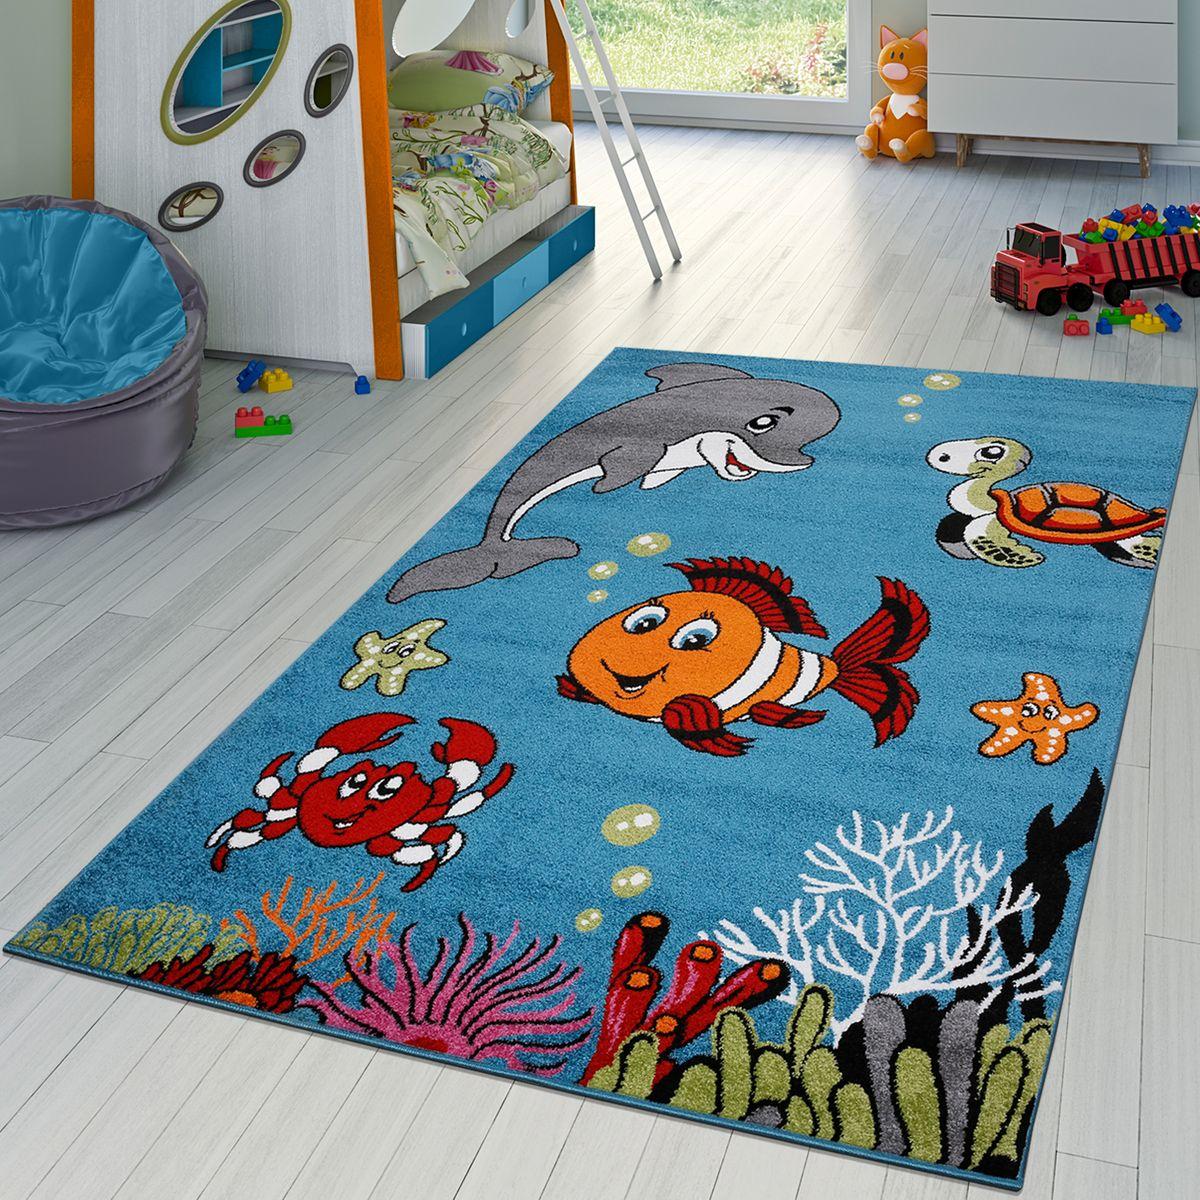 Full Size of Teppiche Für Kinderzimmer Teppich Unterwasserwelt Trkis Teppichmax Bilder Fürs Wohnzimmer Sichtschutzfolie Fenster Gardinen Schlafzimmer Hussen Sofa Kinderzimmer Teppiche Für Kinderzimmer